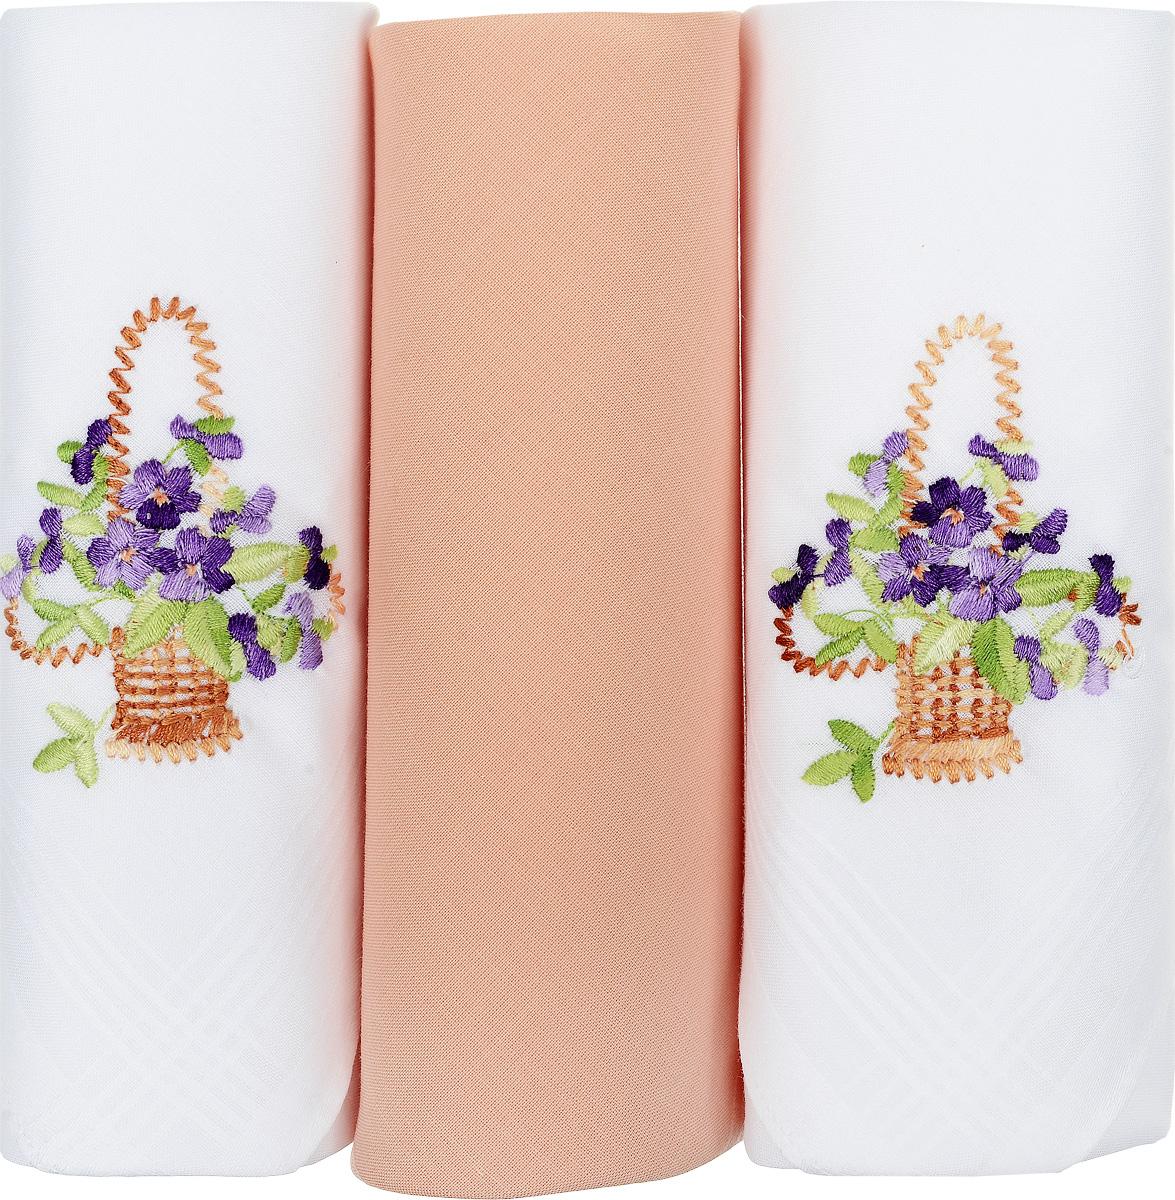 Платок носовой женский Zlata Korunka, цвет: белый, бежевый, 3 шт. 25605-30. Размер 30 см х 30 см25605-30Небольшой женский носовой платок Zlata Korunka изготовлен из высококачественного натурального хлопка, благодаря чему приятен в использовании, хорошо стирается, не садится и отлично впитывает влагу. Практичный и изящный носовой платок будет незаменим в повседневной жизни любого современного человека. Такой платок послужит стильным аксессуаром и подчеркнет ваше превосходное чувство вкуса. В комплекте 3 платка.